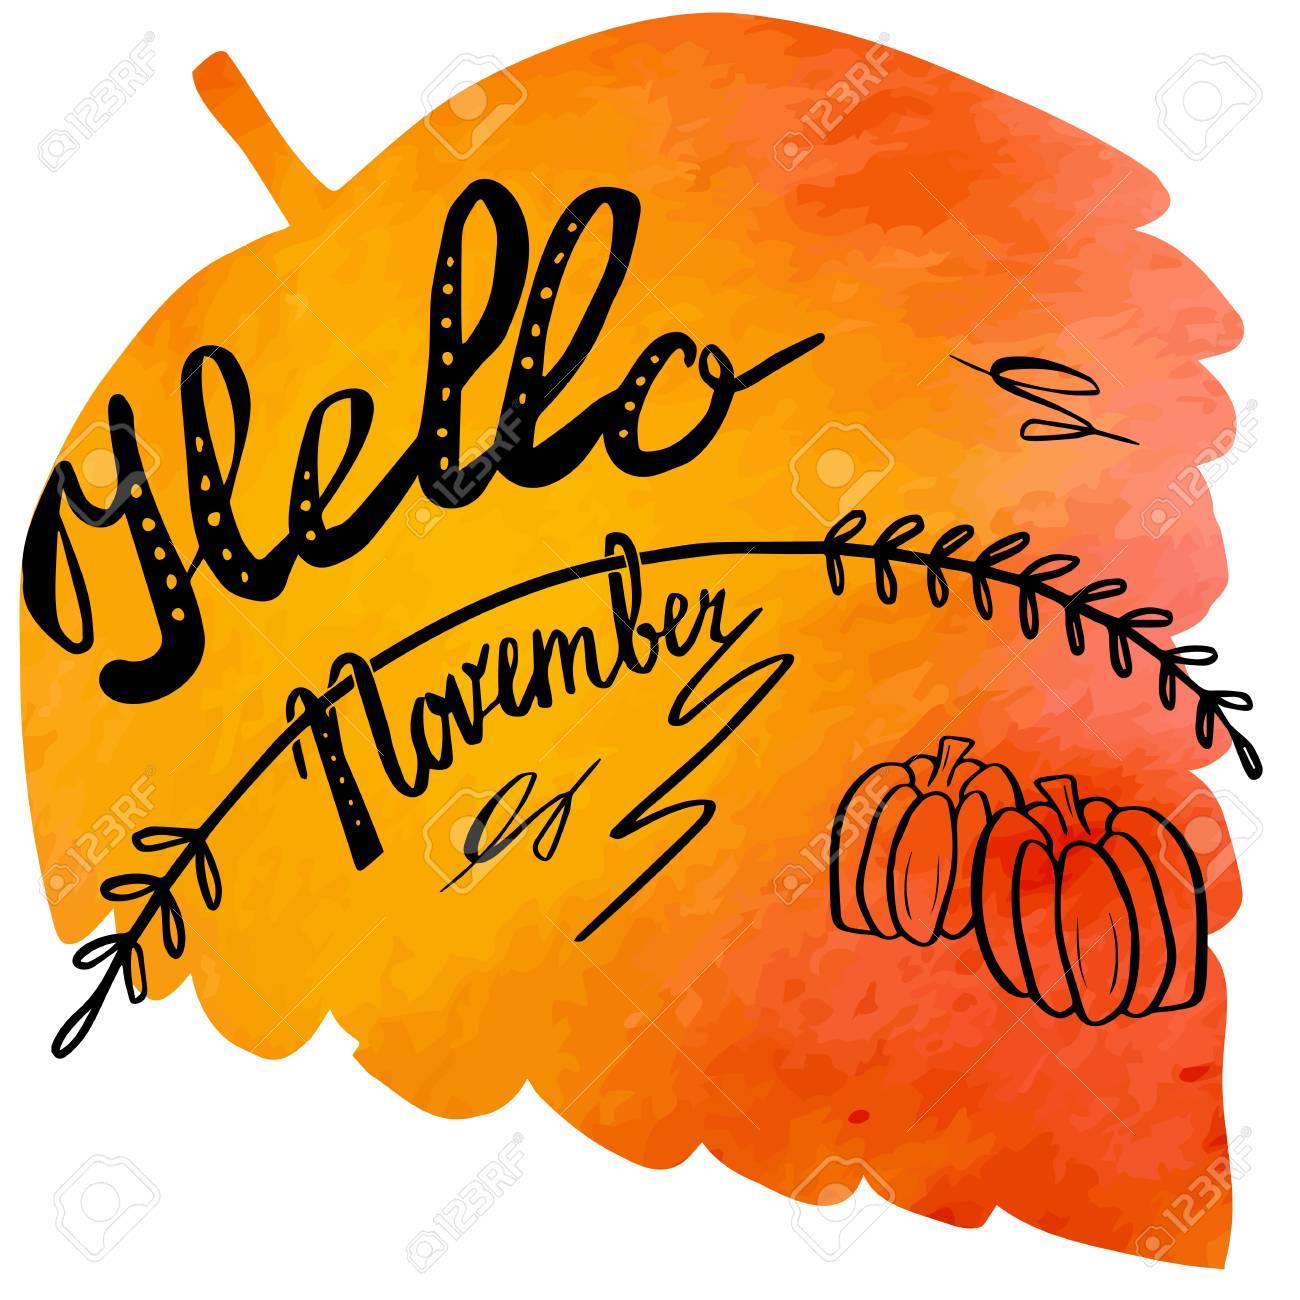 Discussion sur l'étoile du  10 octobre  2019 - Page 7 63072201-main-phrase-%C3%A9crite-bonjour-novembre-sur-la-main-abstraite-peinte-aquarelle-texture-en-feuille-colorful